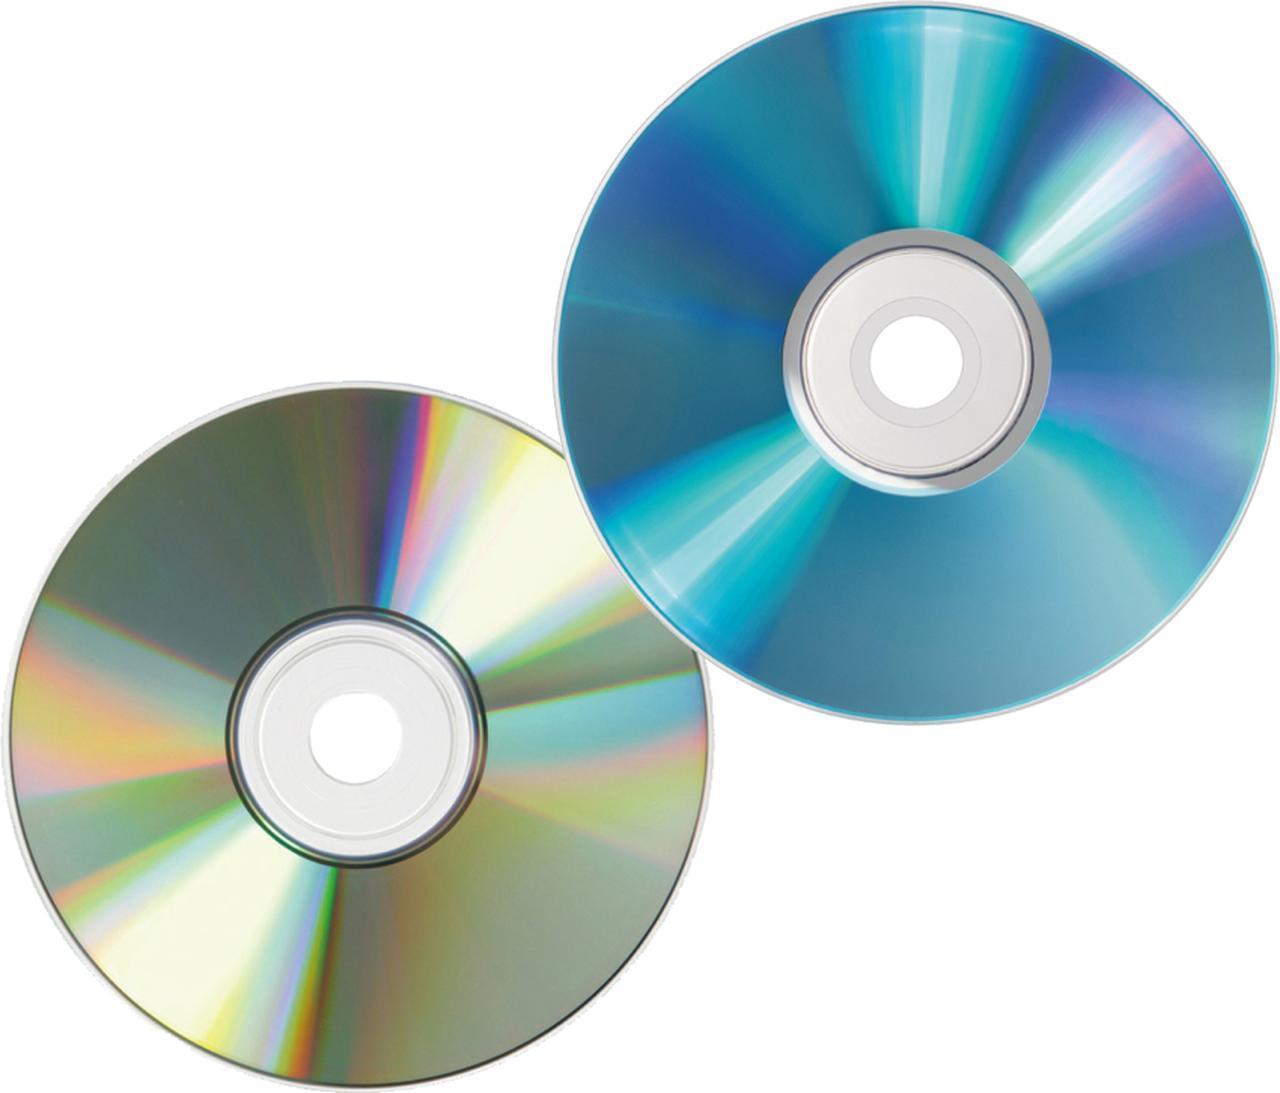 画像: ドライブがないと読み書きができない。DVDは書き込み面の耐久性が低いものがある。BDのほうが耐久性はいい。